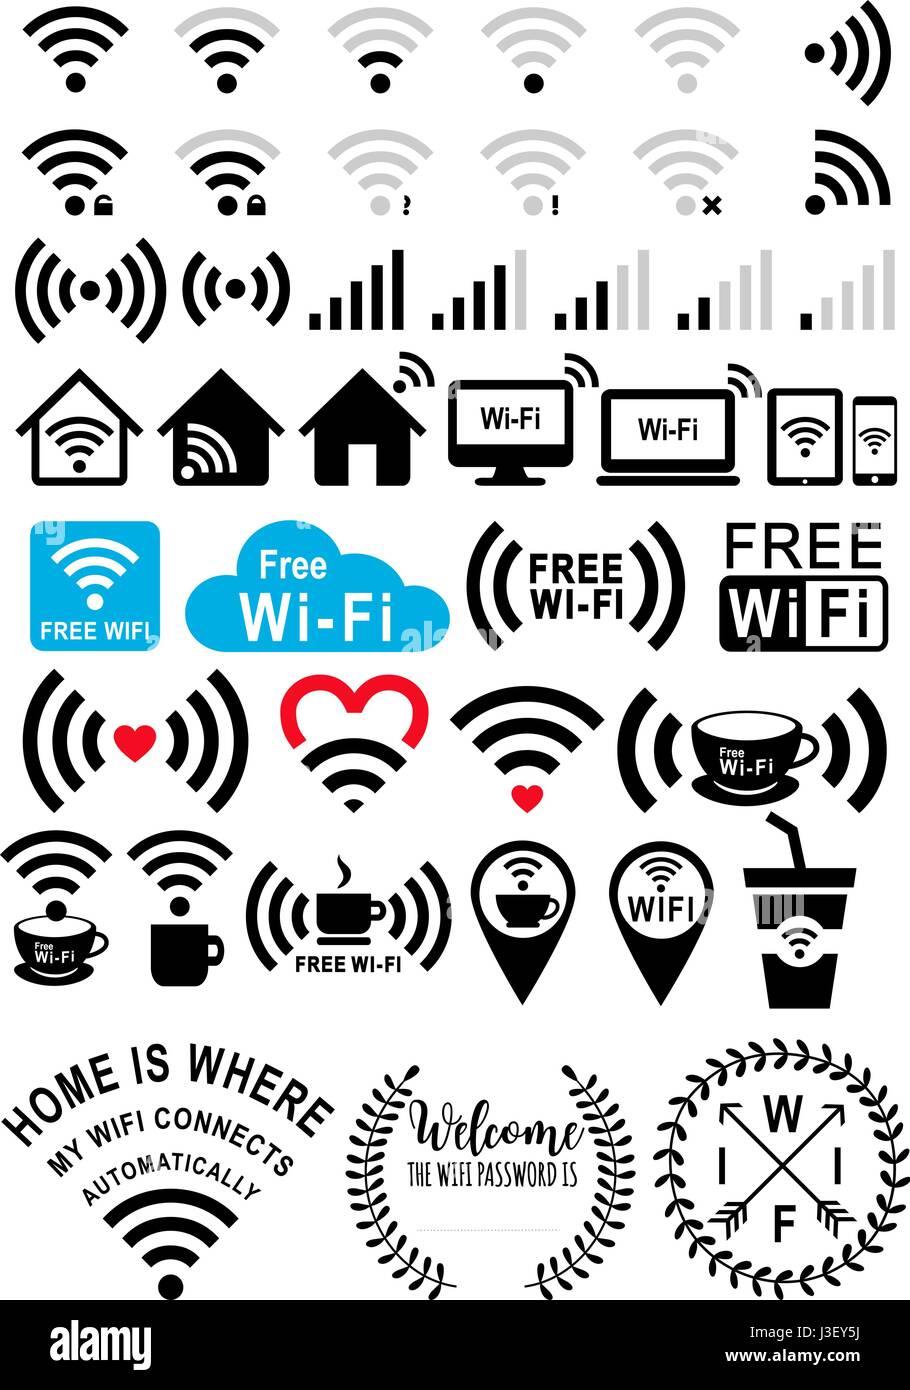 Señales Wifi iconos, wi-fi, café y zona wifi gratuita, un conjunto de elementos de diseño gráfico Imagen De Stock